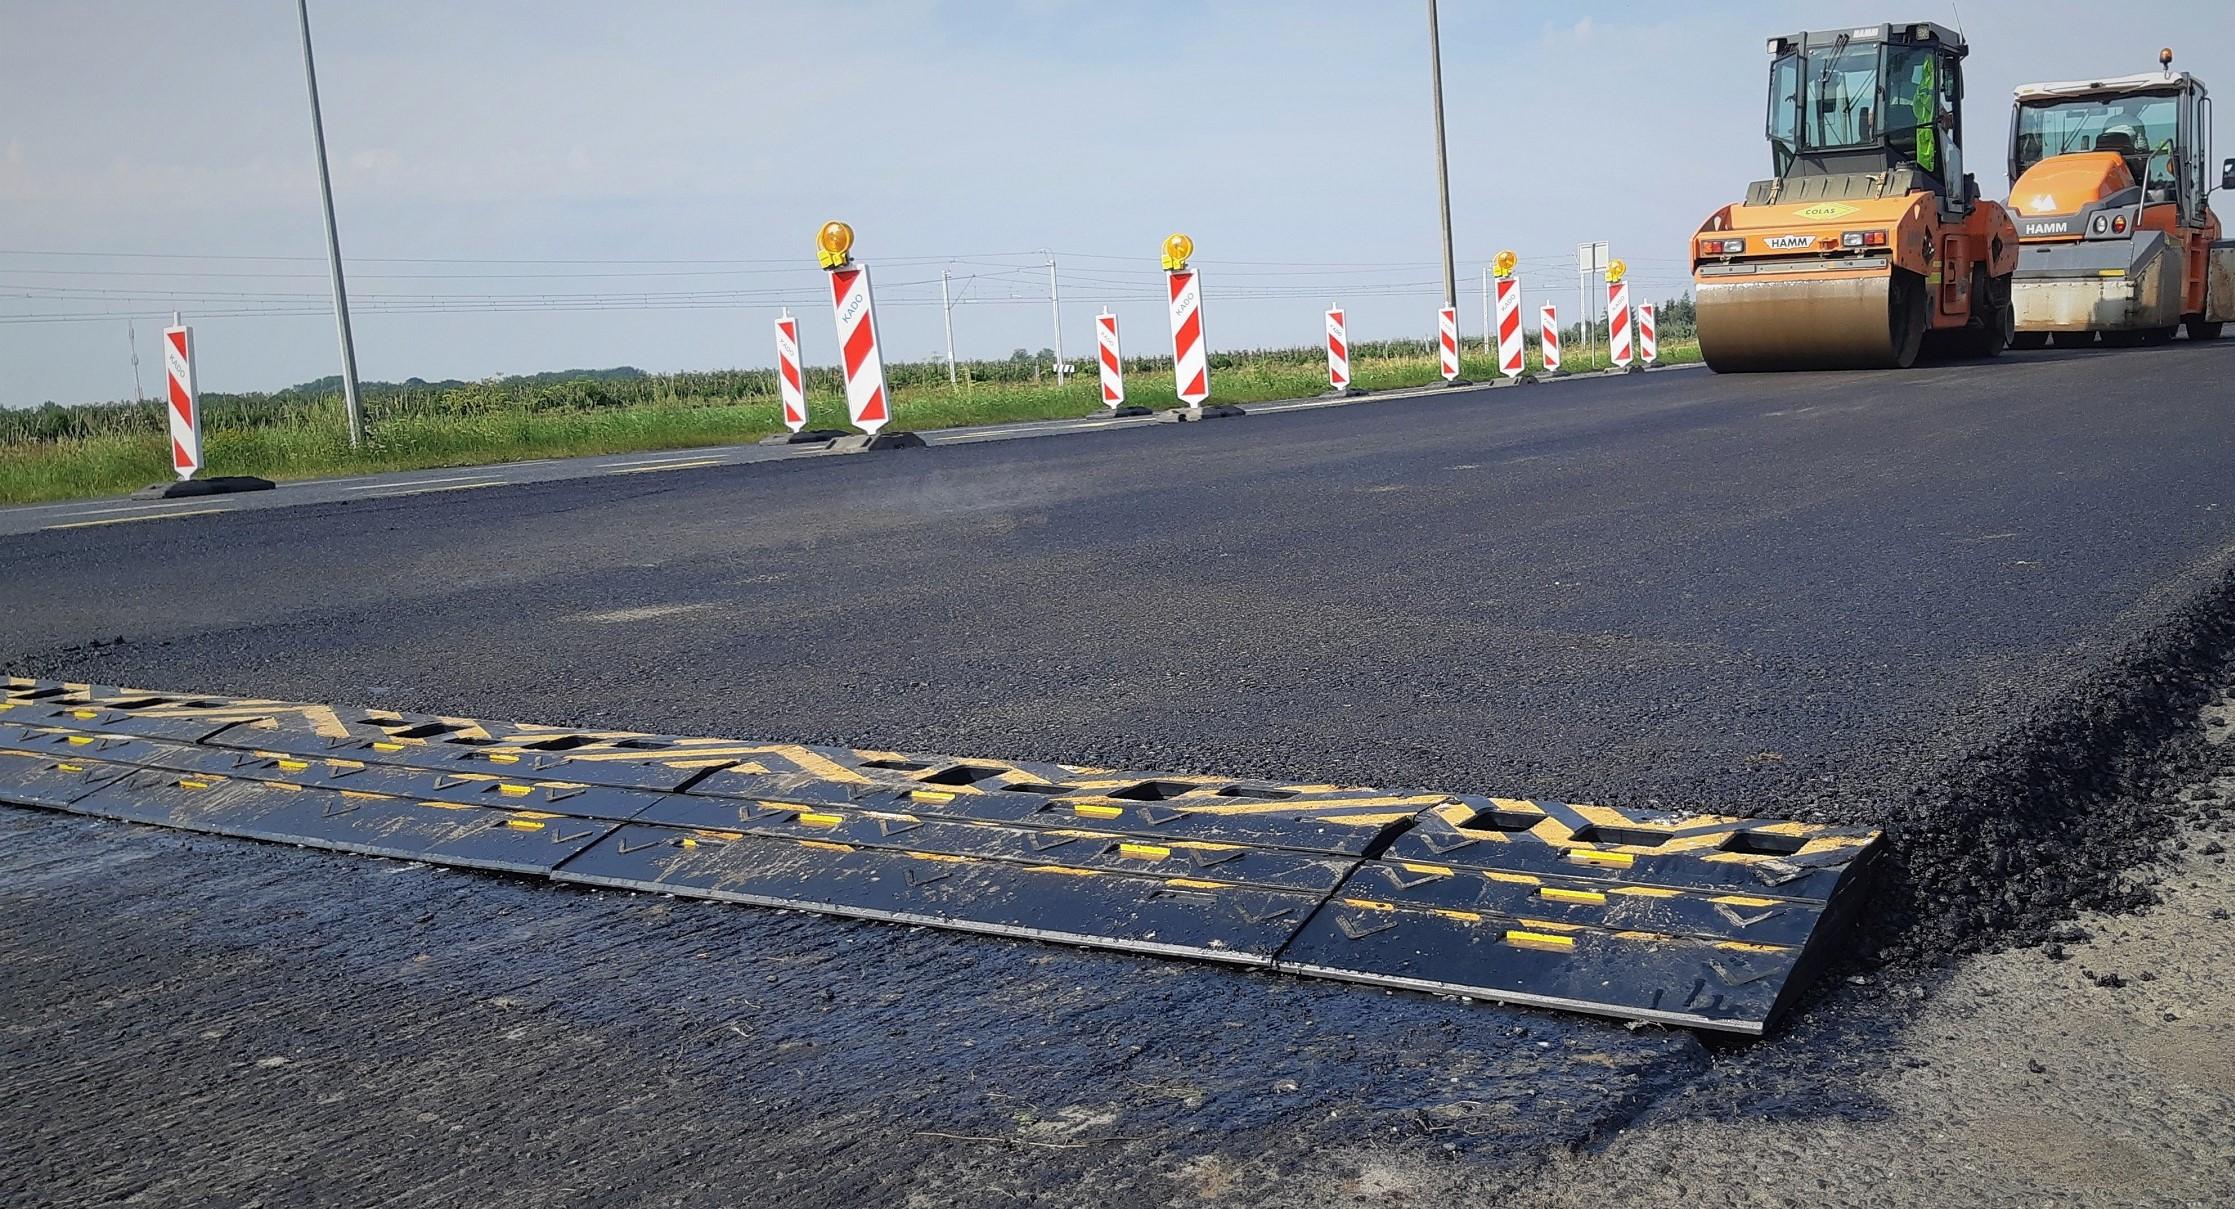 Belka ReBe podczas testów na placu budowy. Fot. KPMP